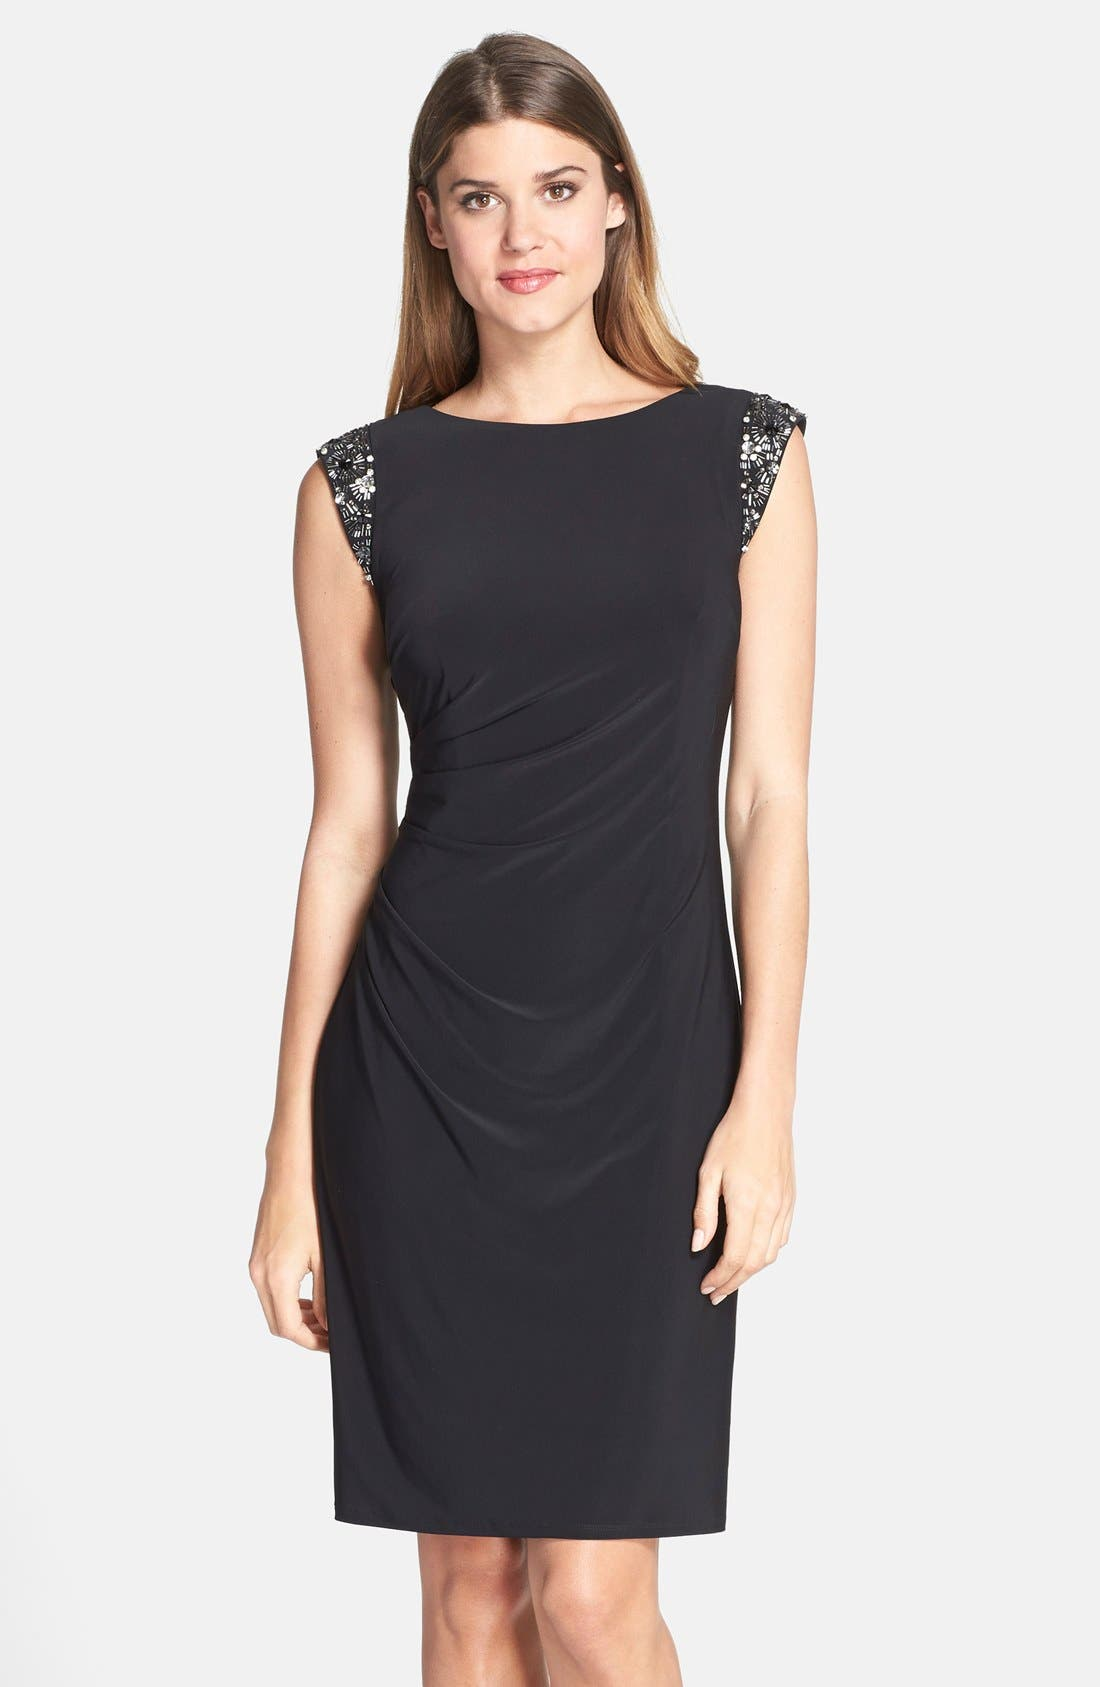 Alternate Image 1 Selected - Eliza J Embellished Back Cutout Sheath Dress